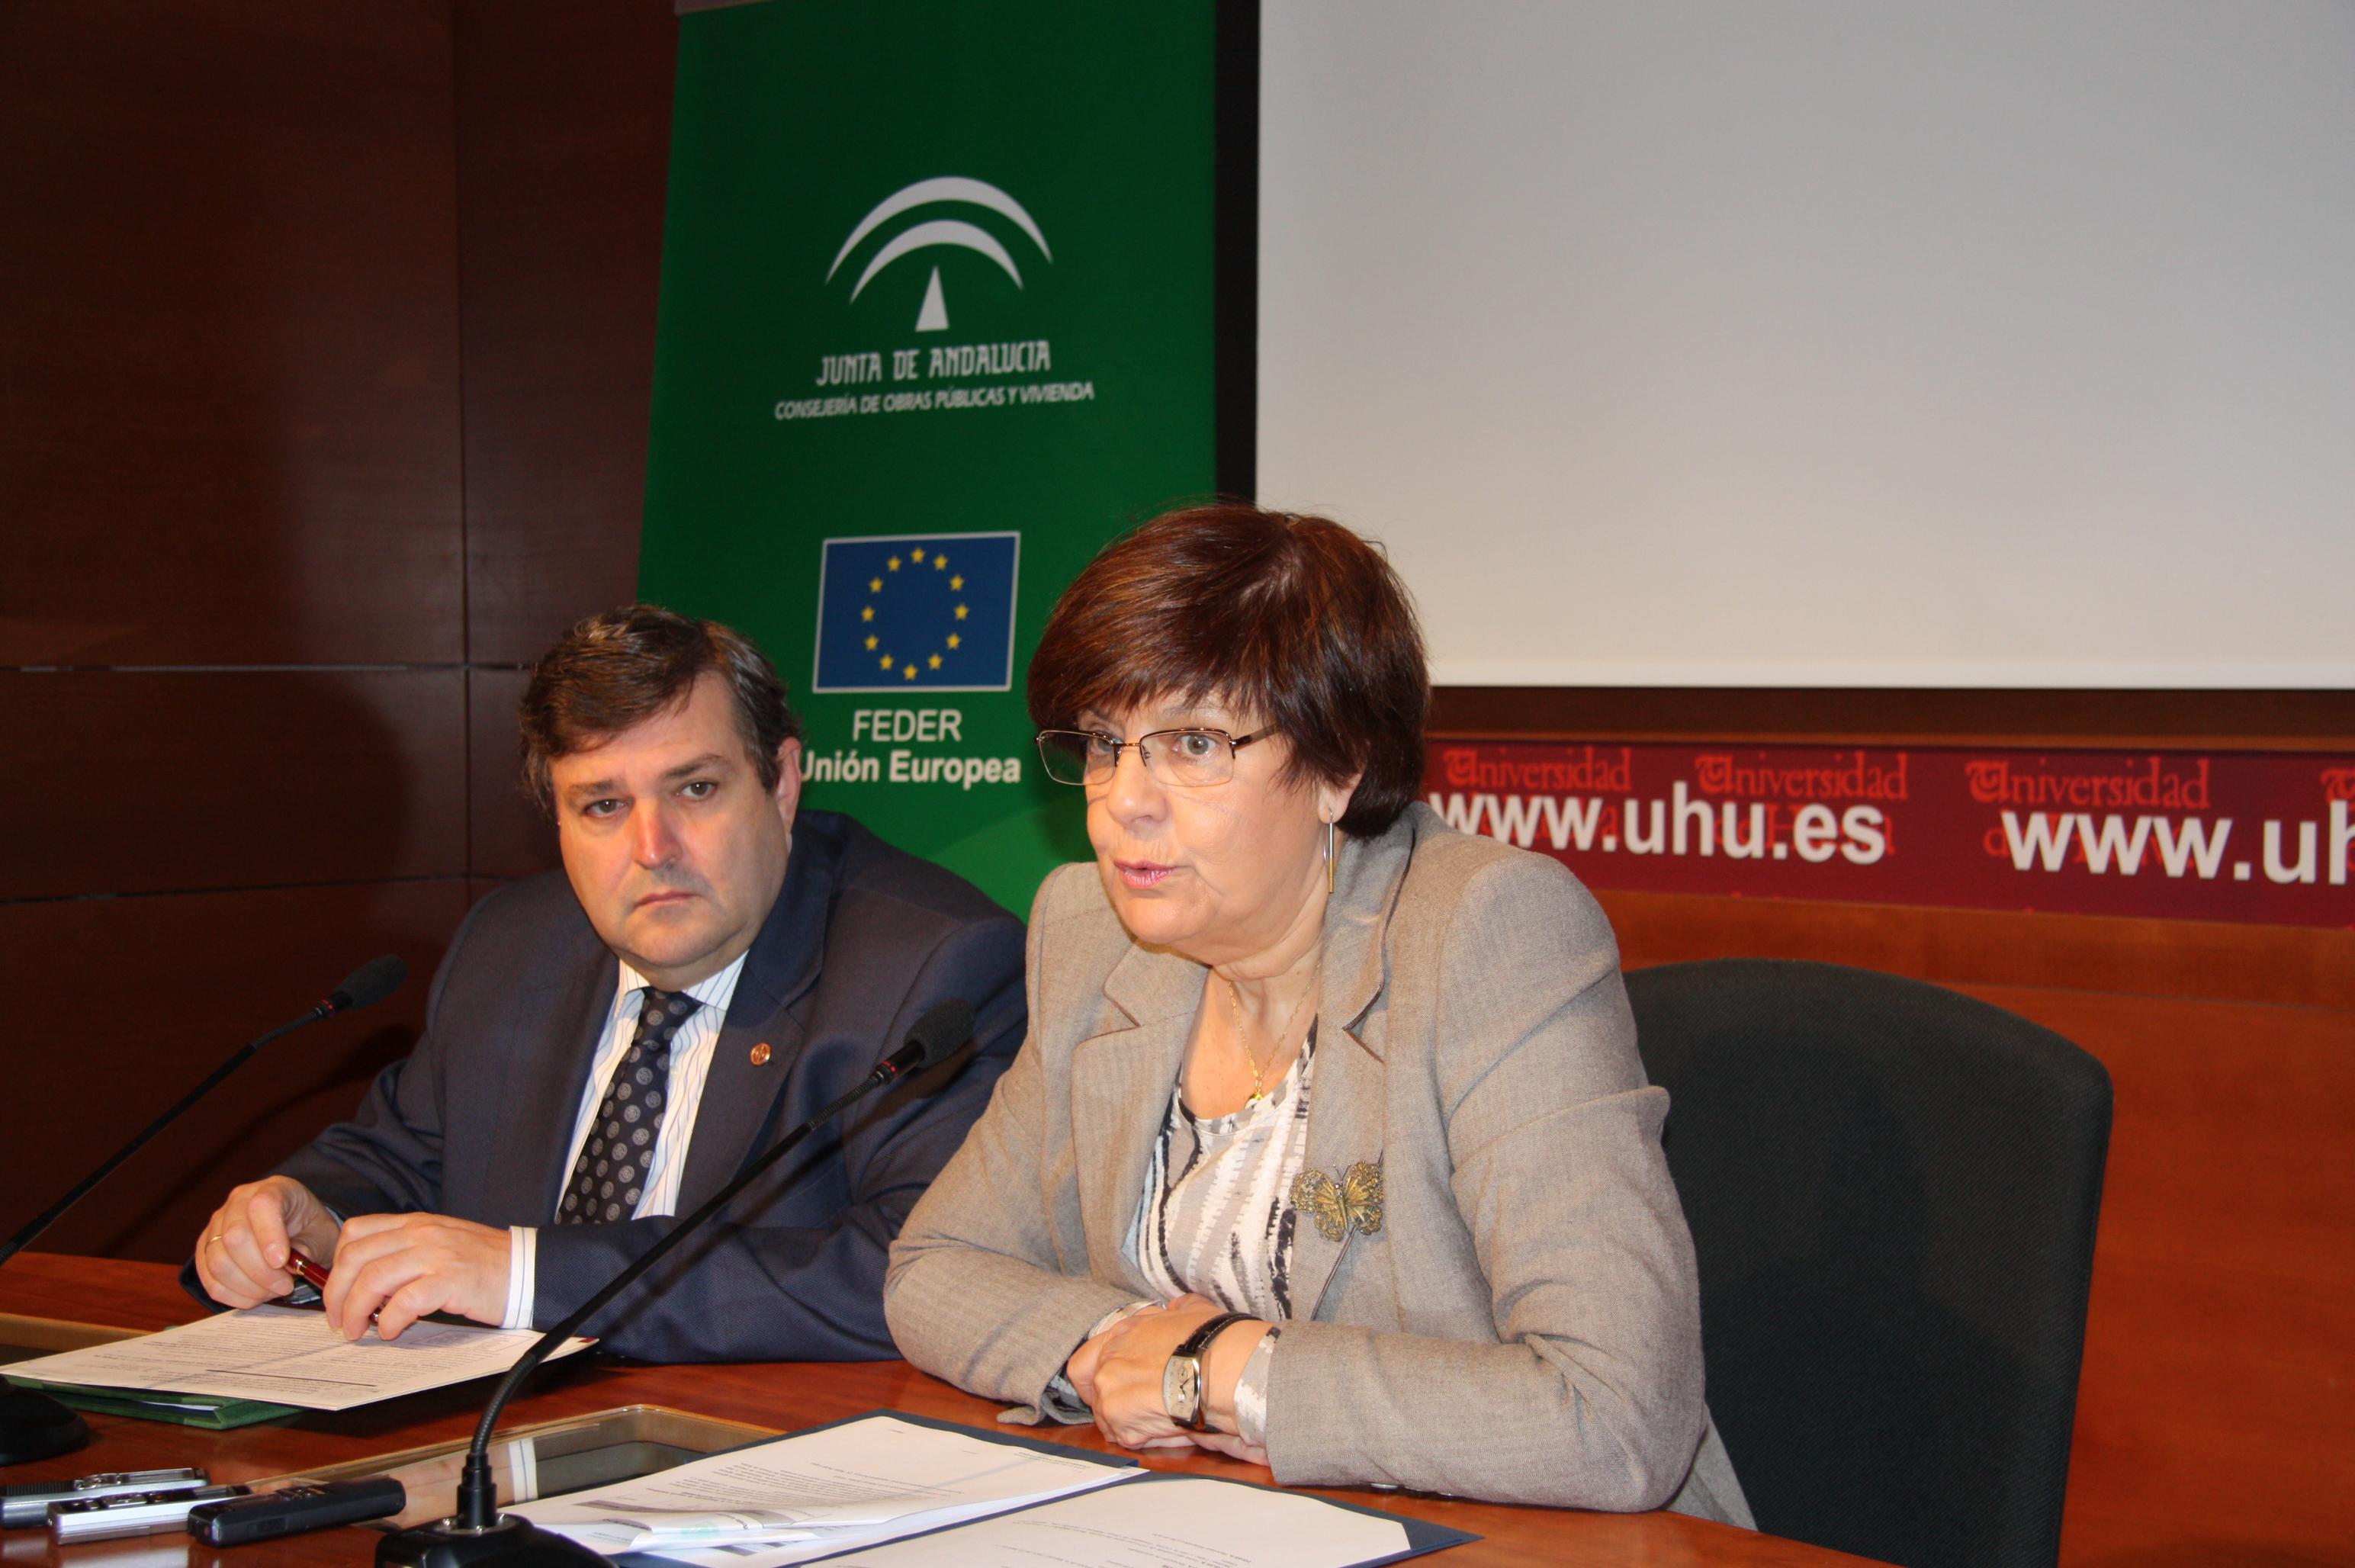 La consejera y el rector han firmado hoy el contrato para el proyecto de I+D+i que desarrollará un grupo de investigación de la Universidad de Huelva